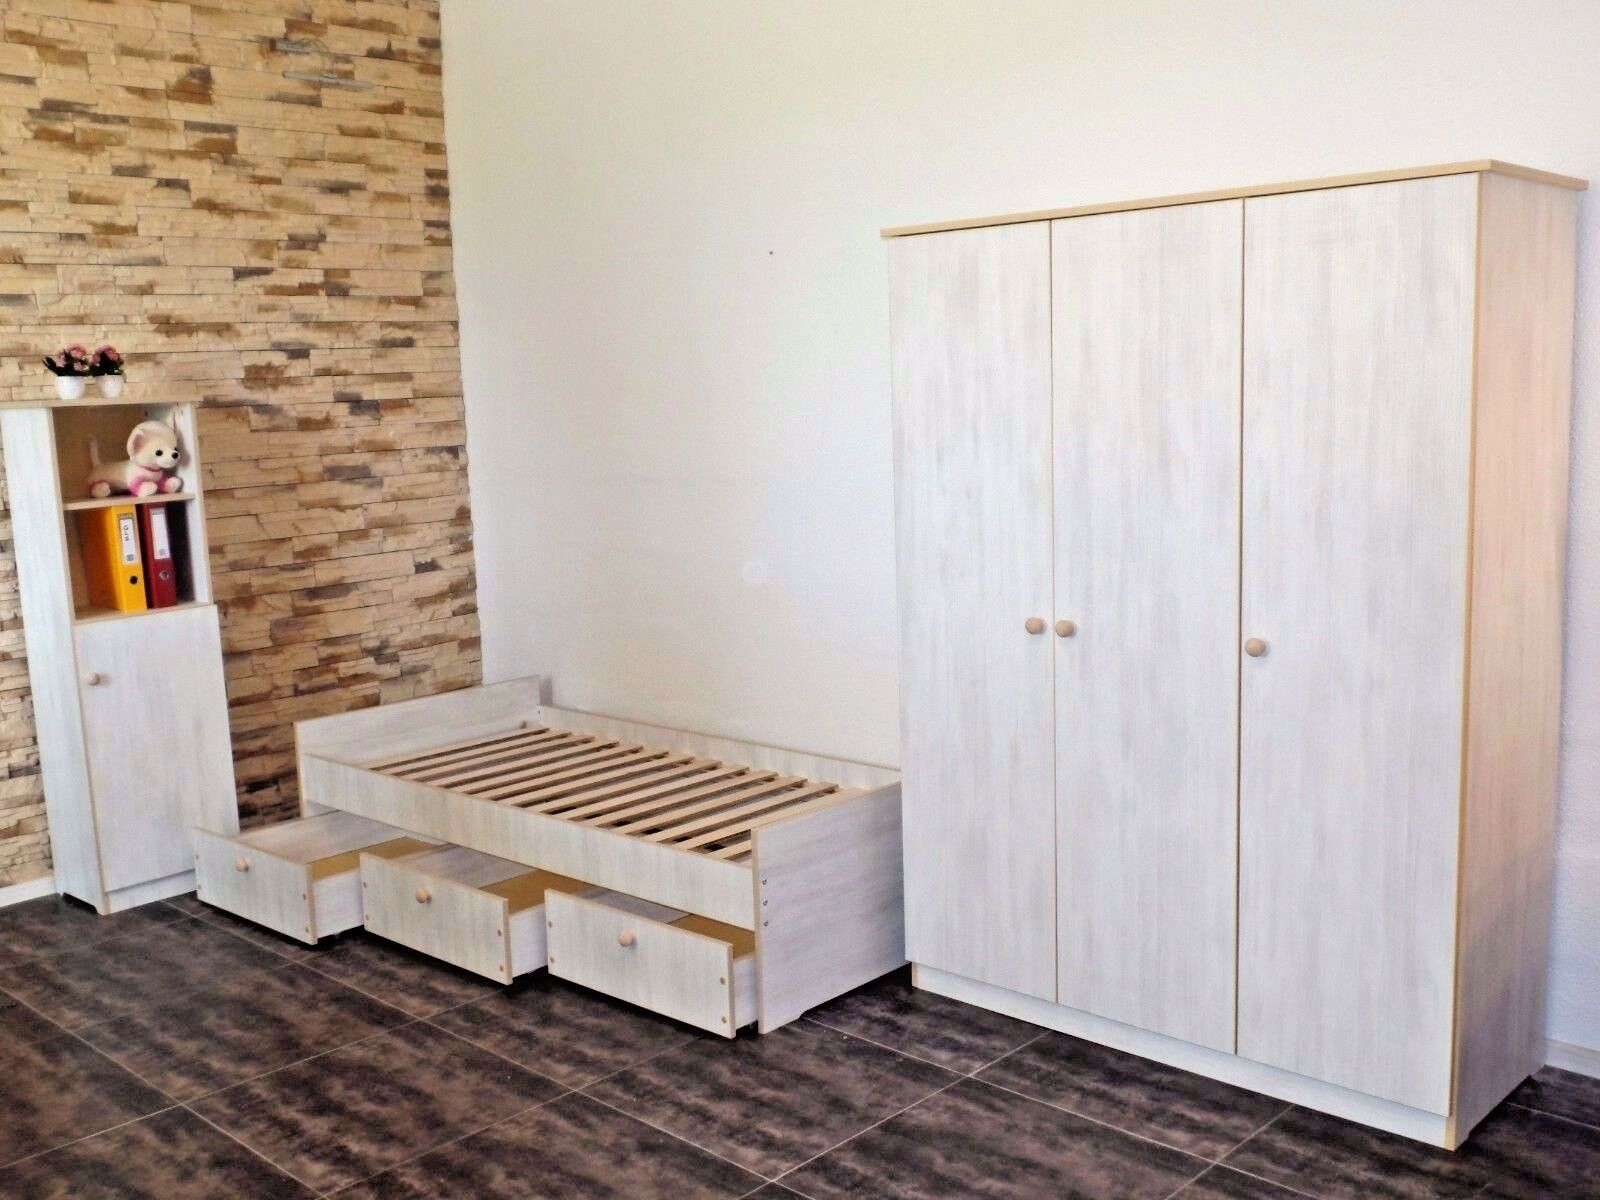 Jeunesse Chambre Enfants Chambre Complet Set armoire étagère adolescent Blanc Rose